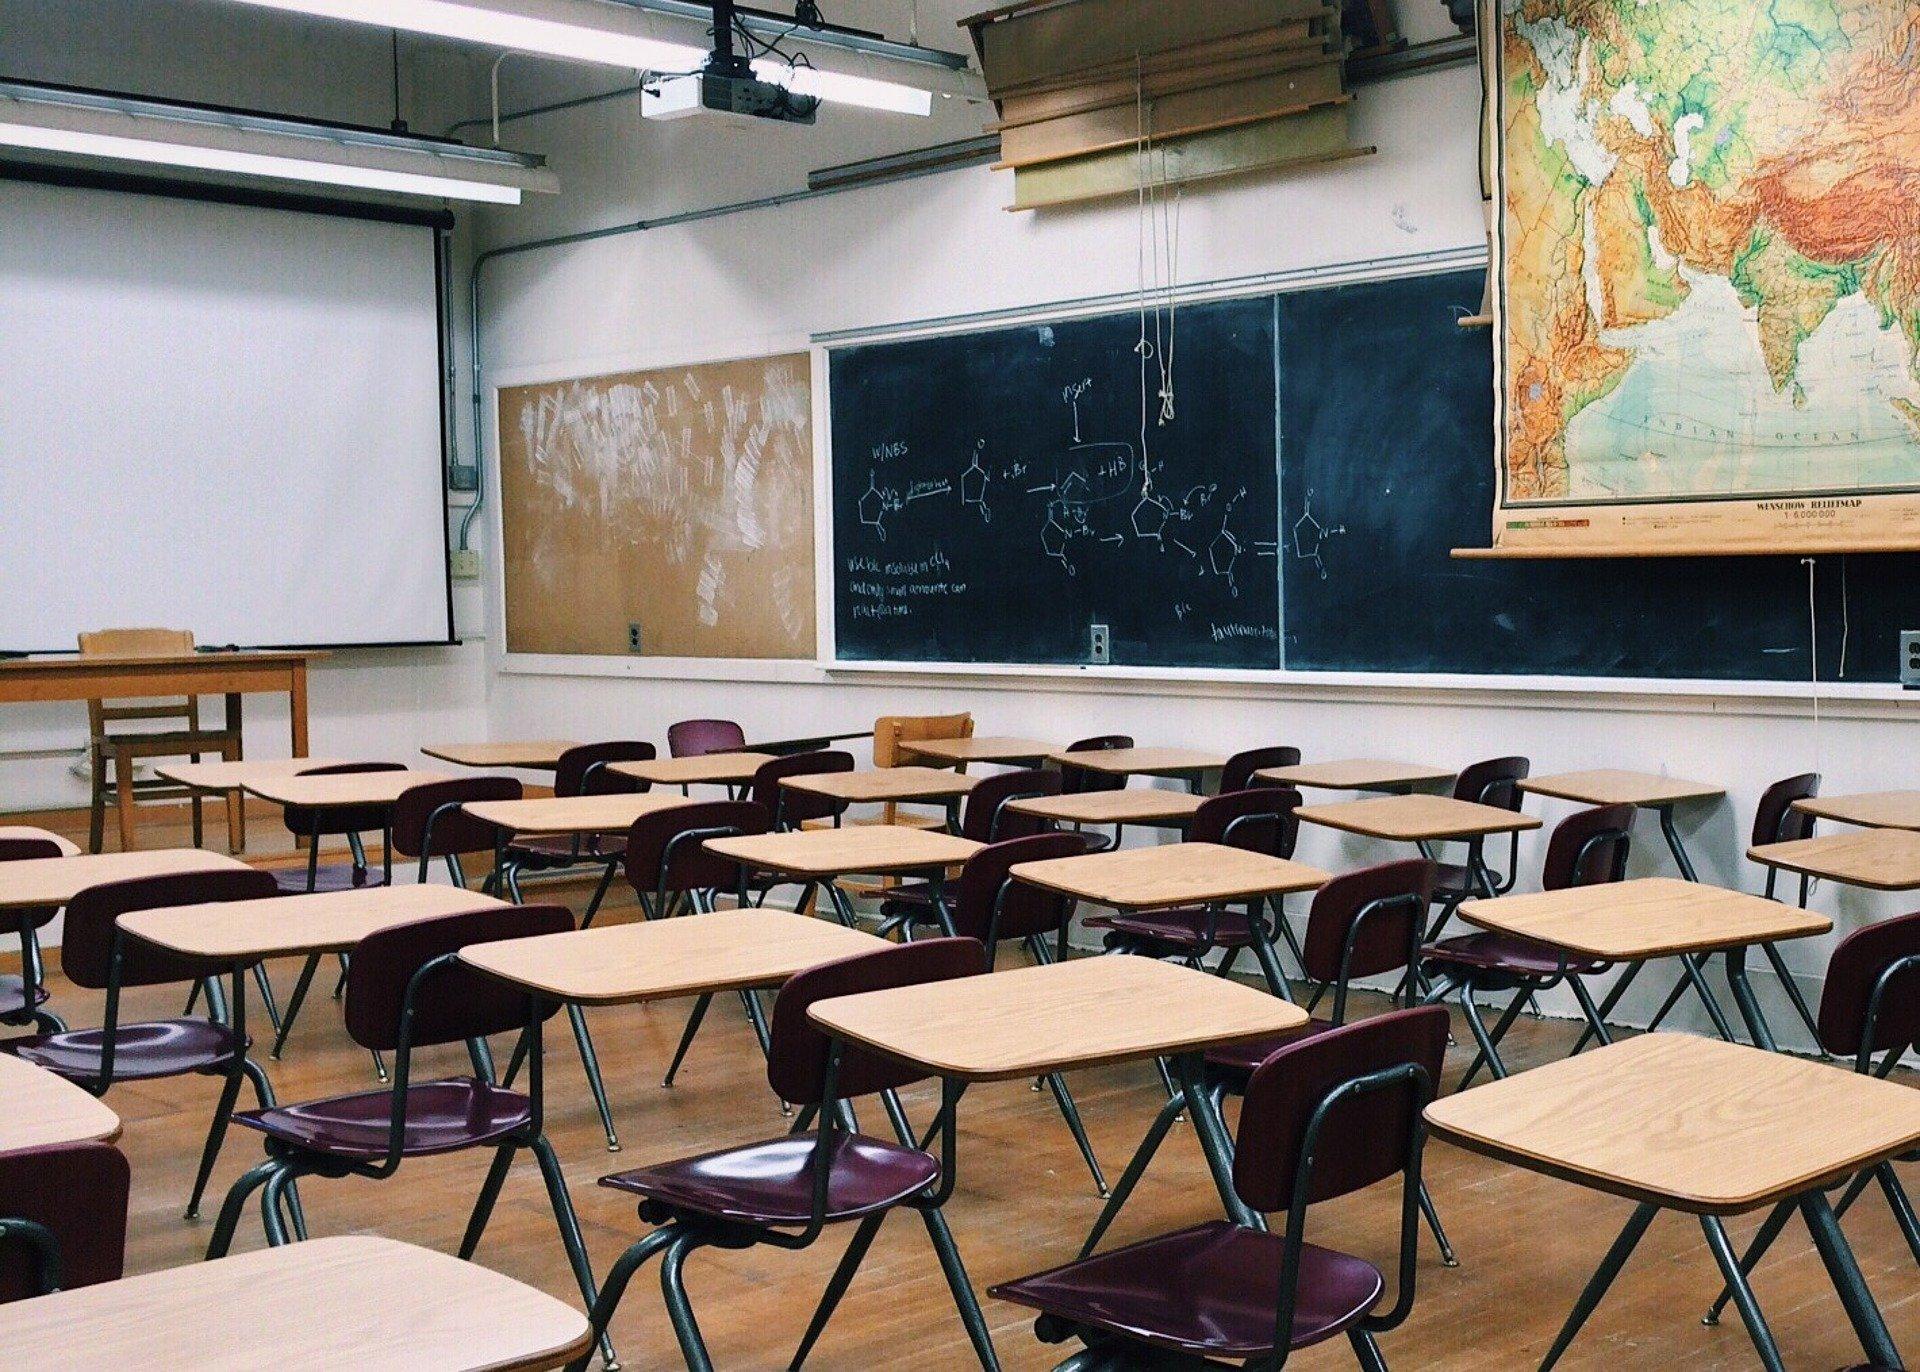 Ungarische Lehrergewerkschaft will Öffnung der Schulen am 19. April verhindern